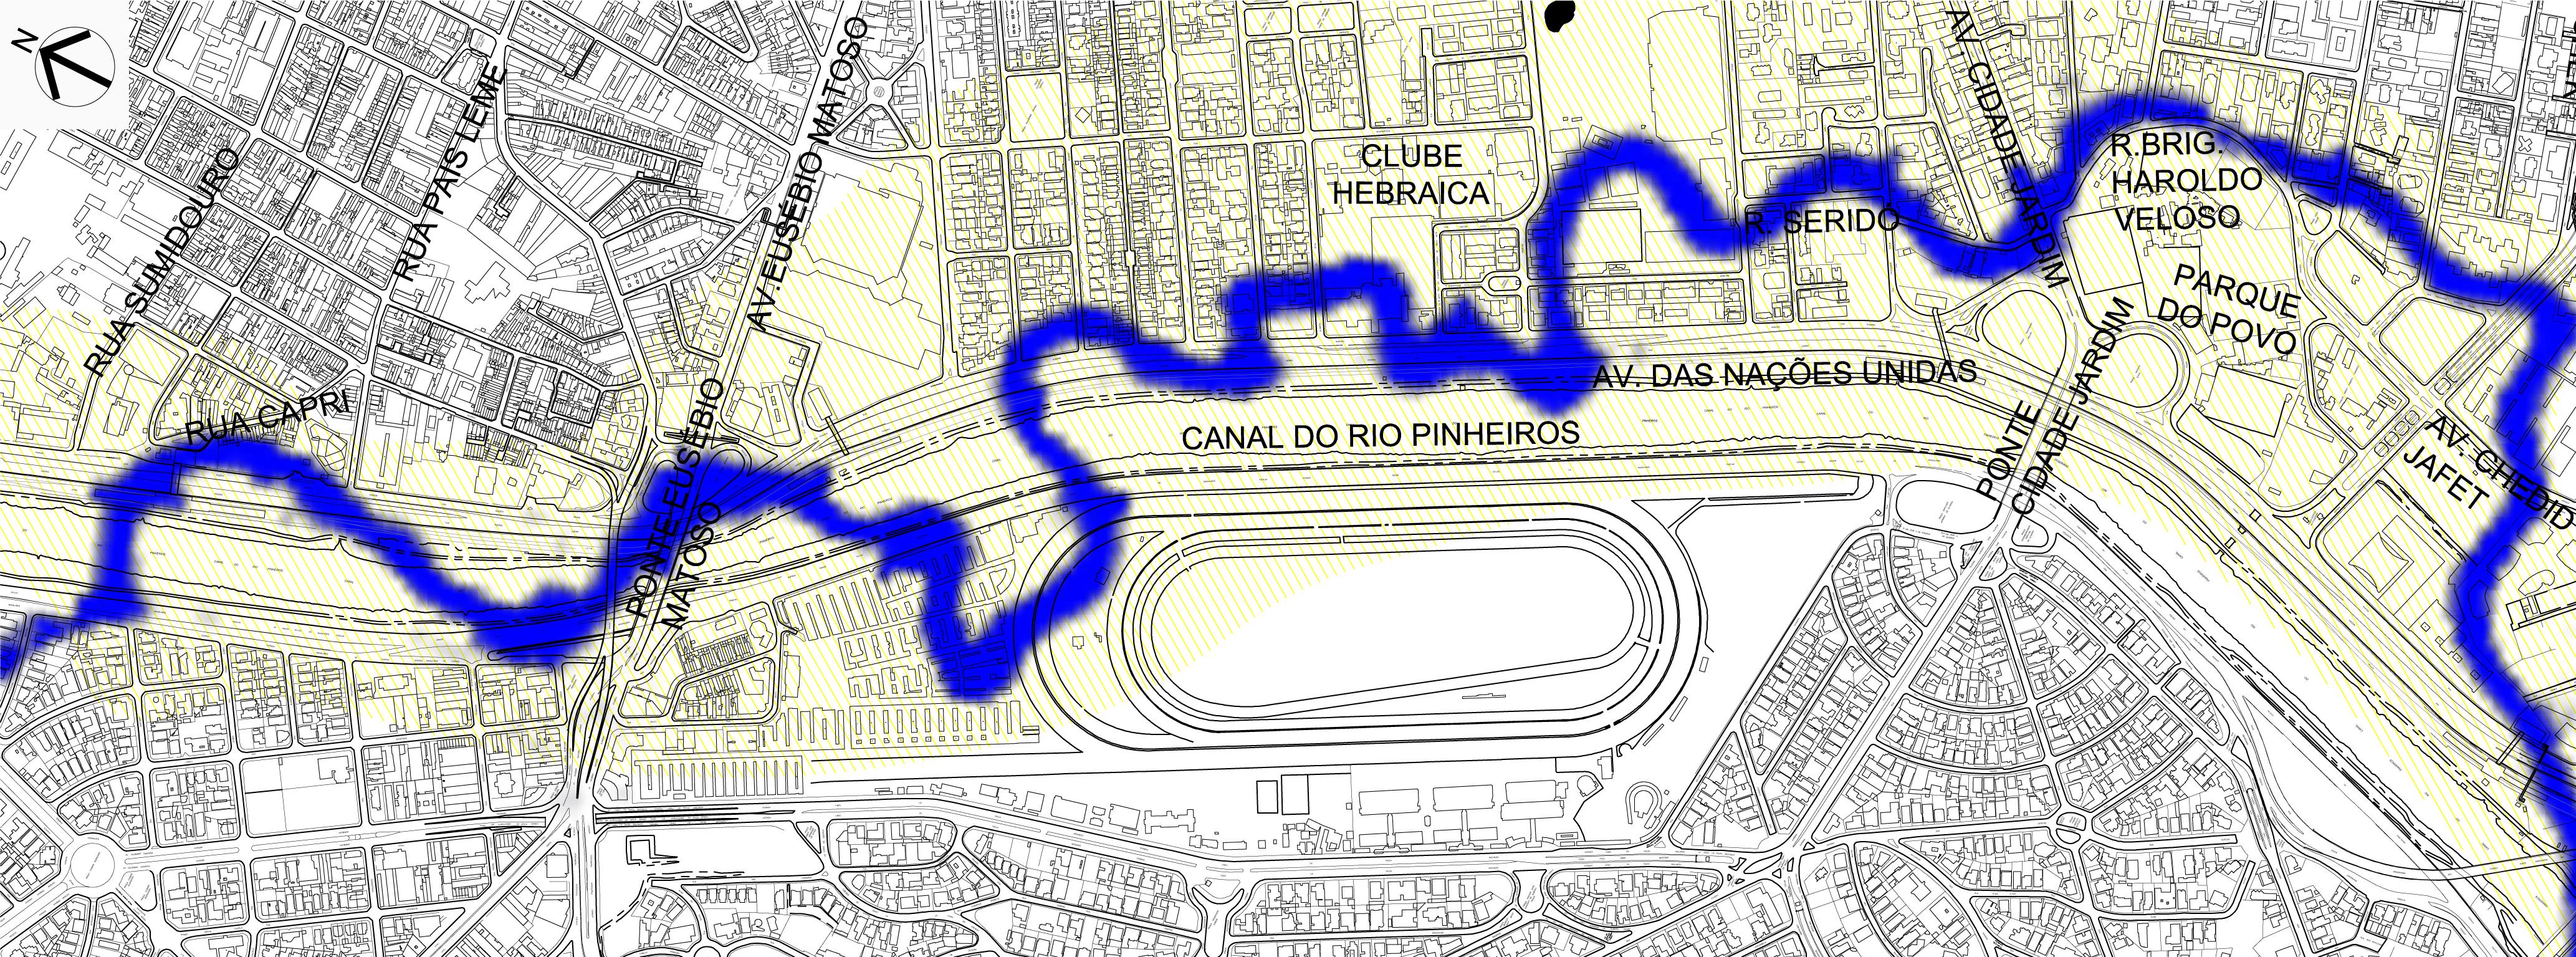 Rio Pinheiros Antes e Depois